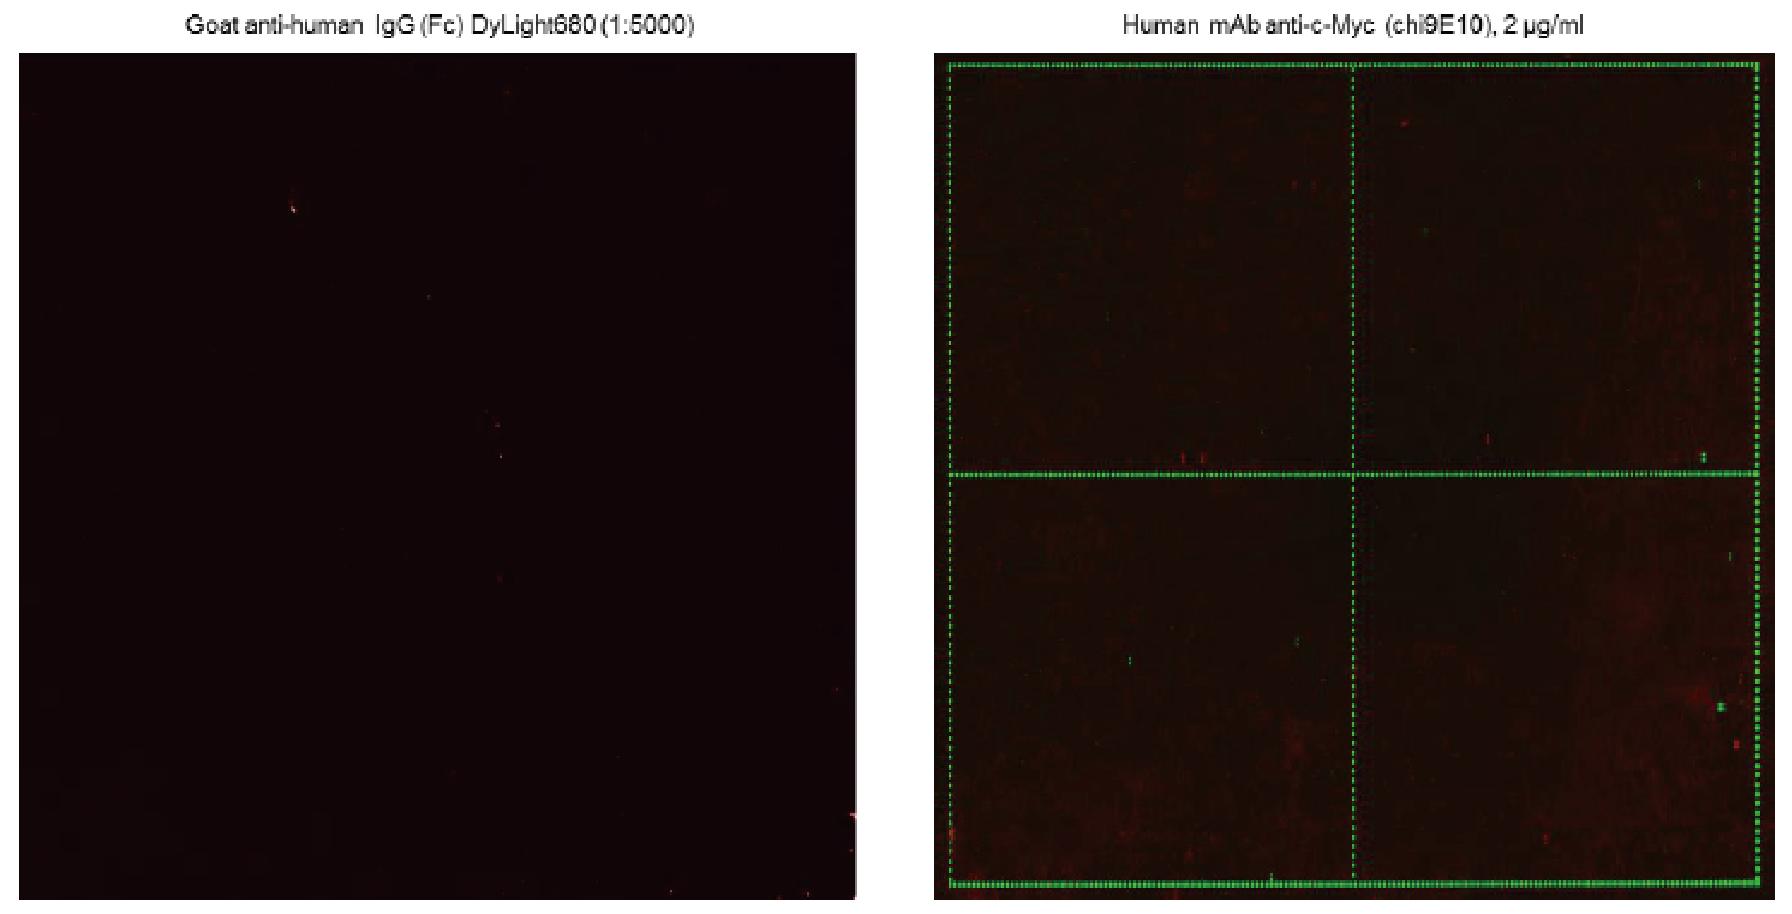 図1. 抗ヒトIgG2次抗体によるコントロール実験(左)と抗c-Myc抗体とインキュベーション後に2次抗体で染色した結果(右)